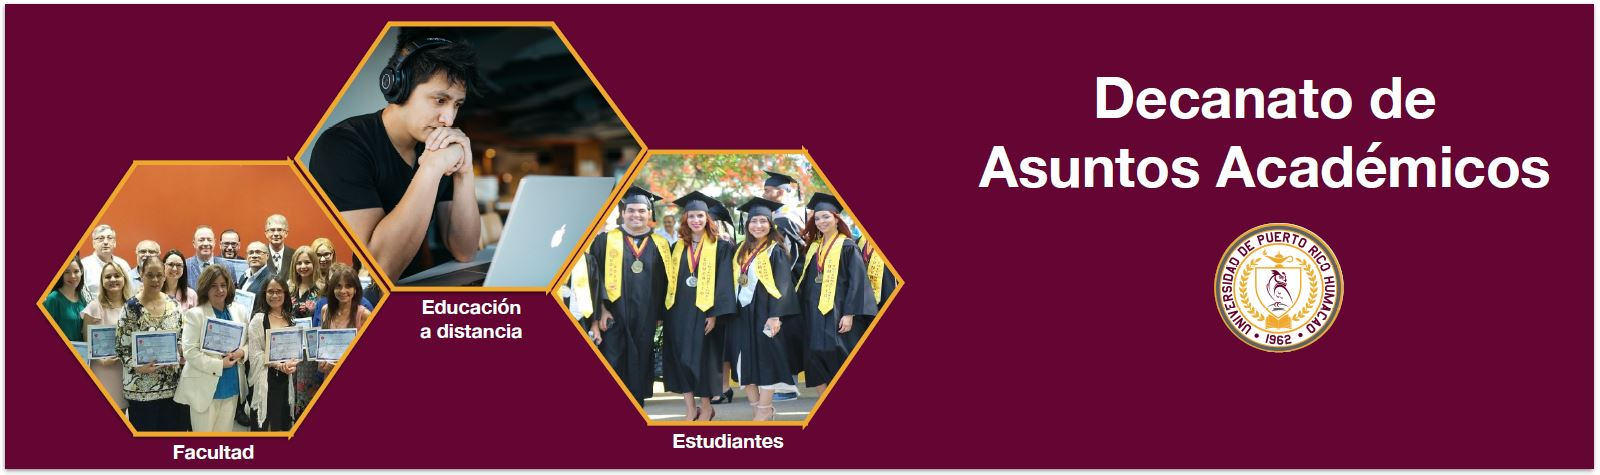 decanato academicos banner